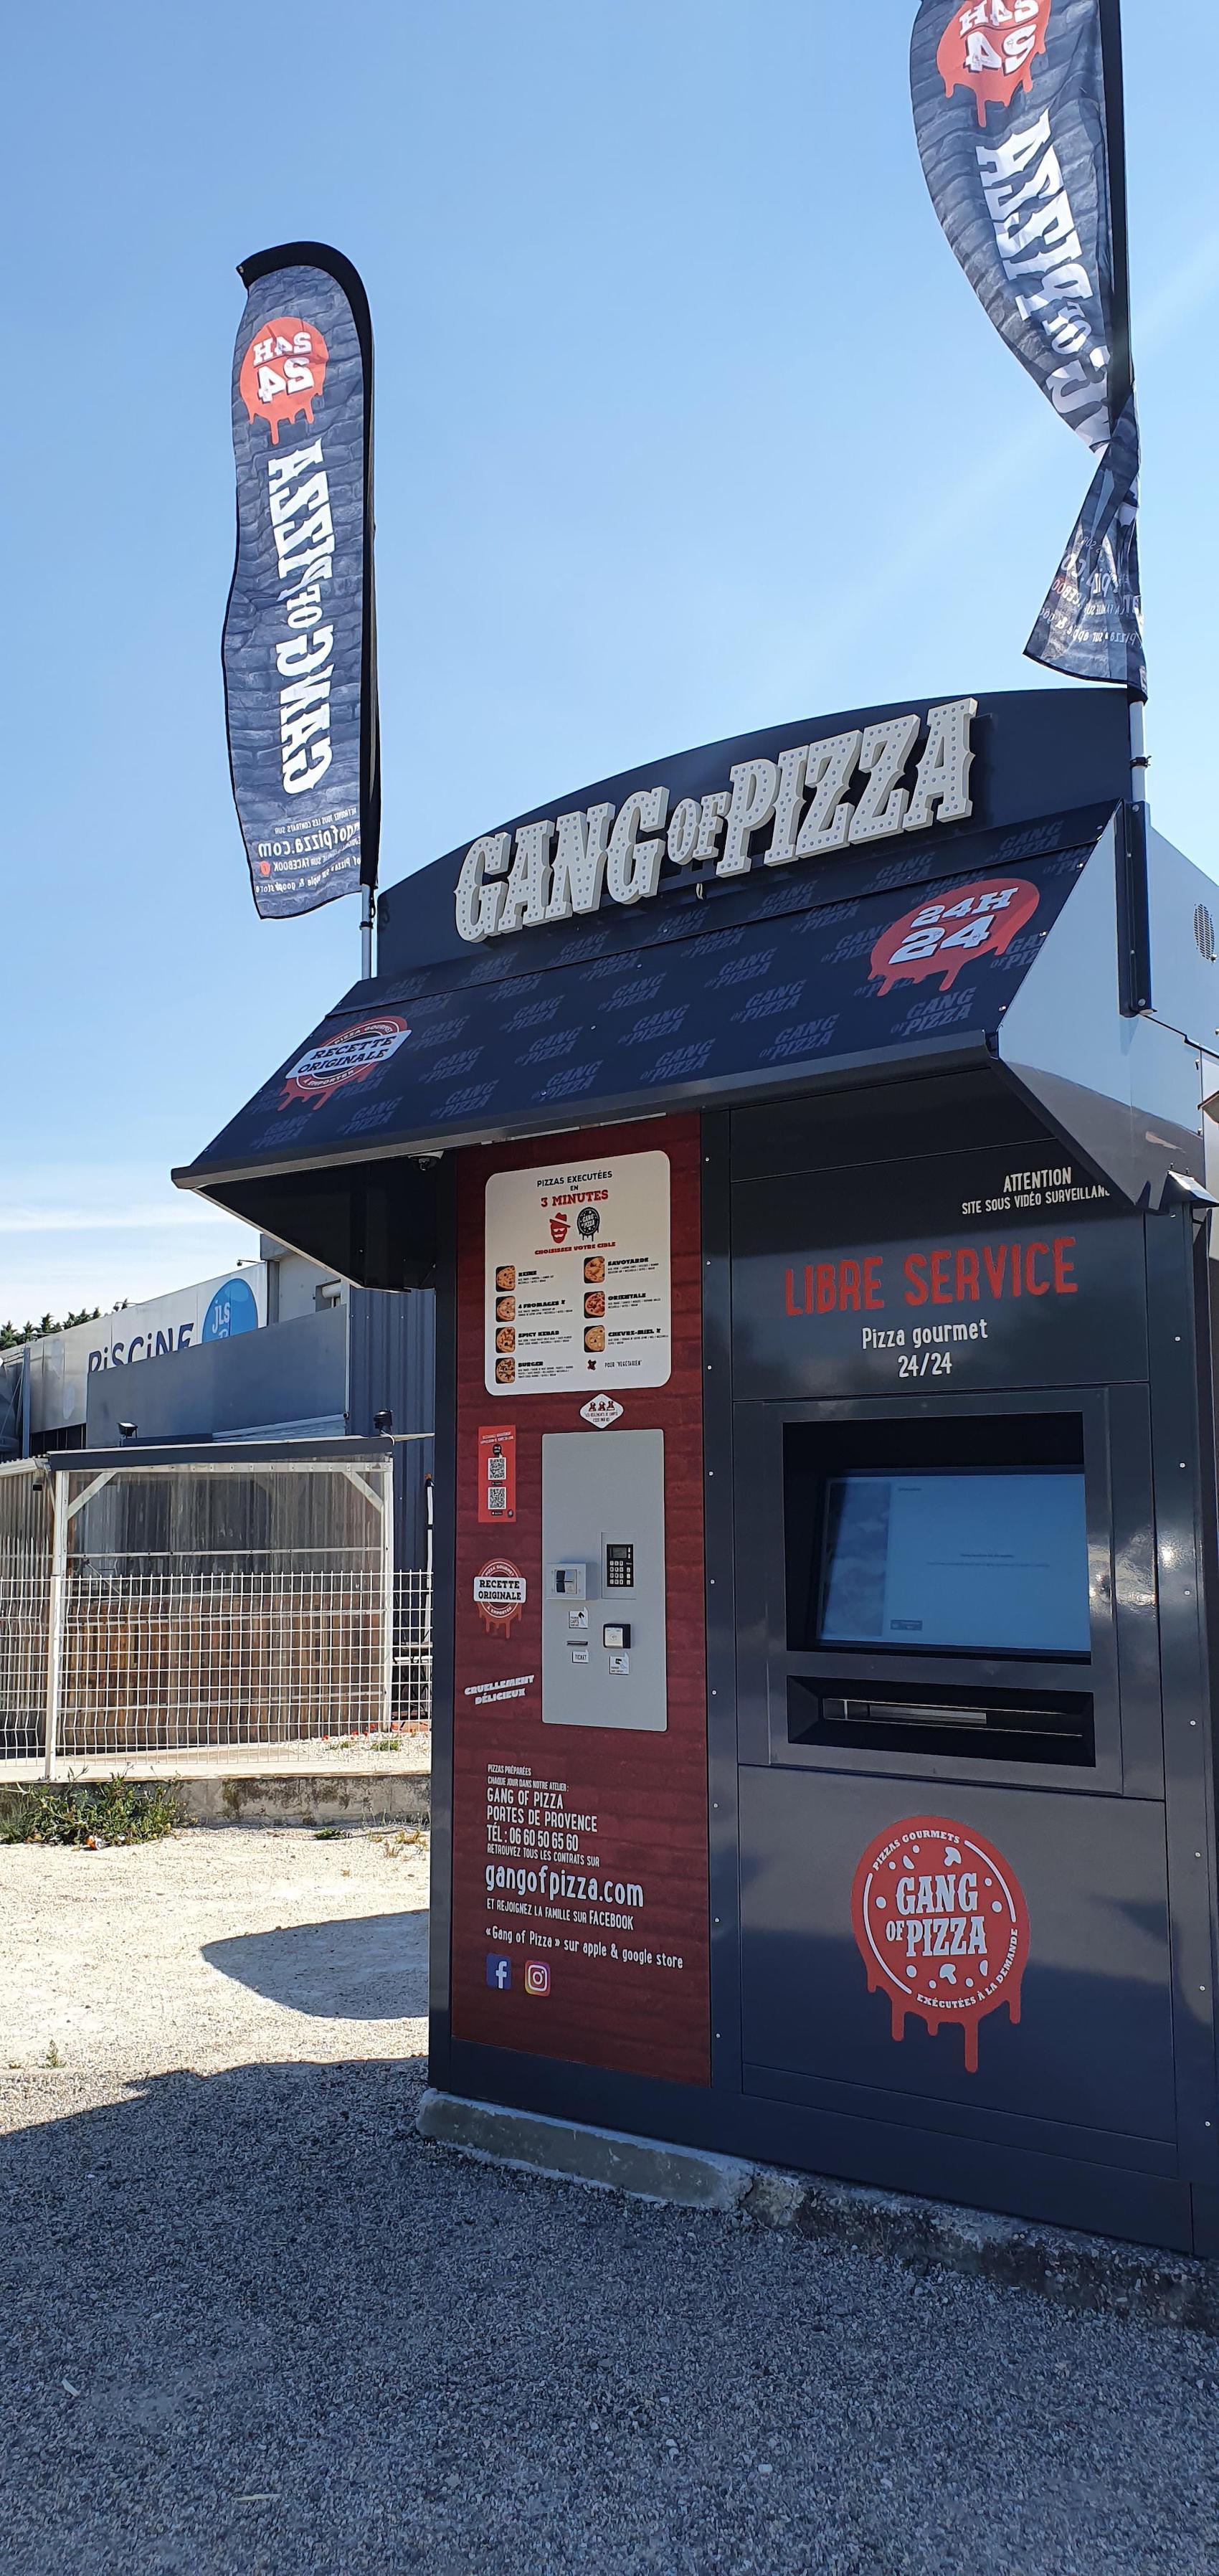 Gang Of Pizza Pierrelatte